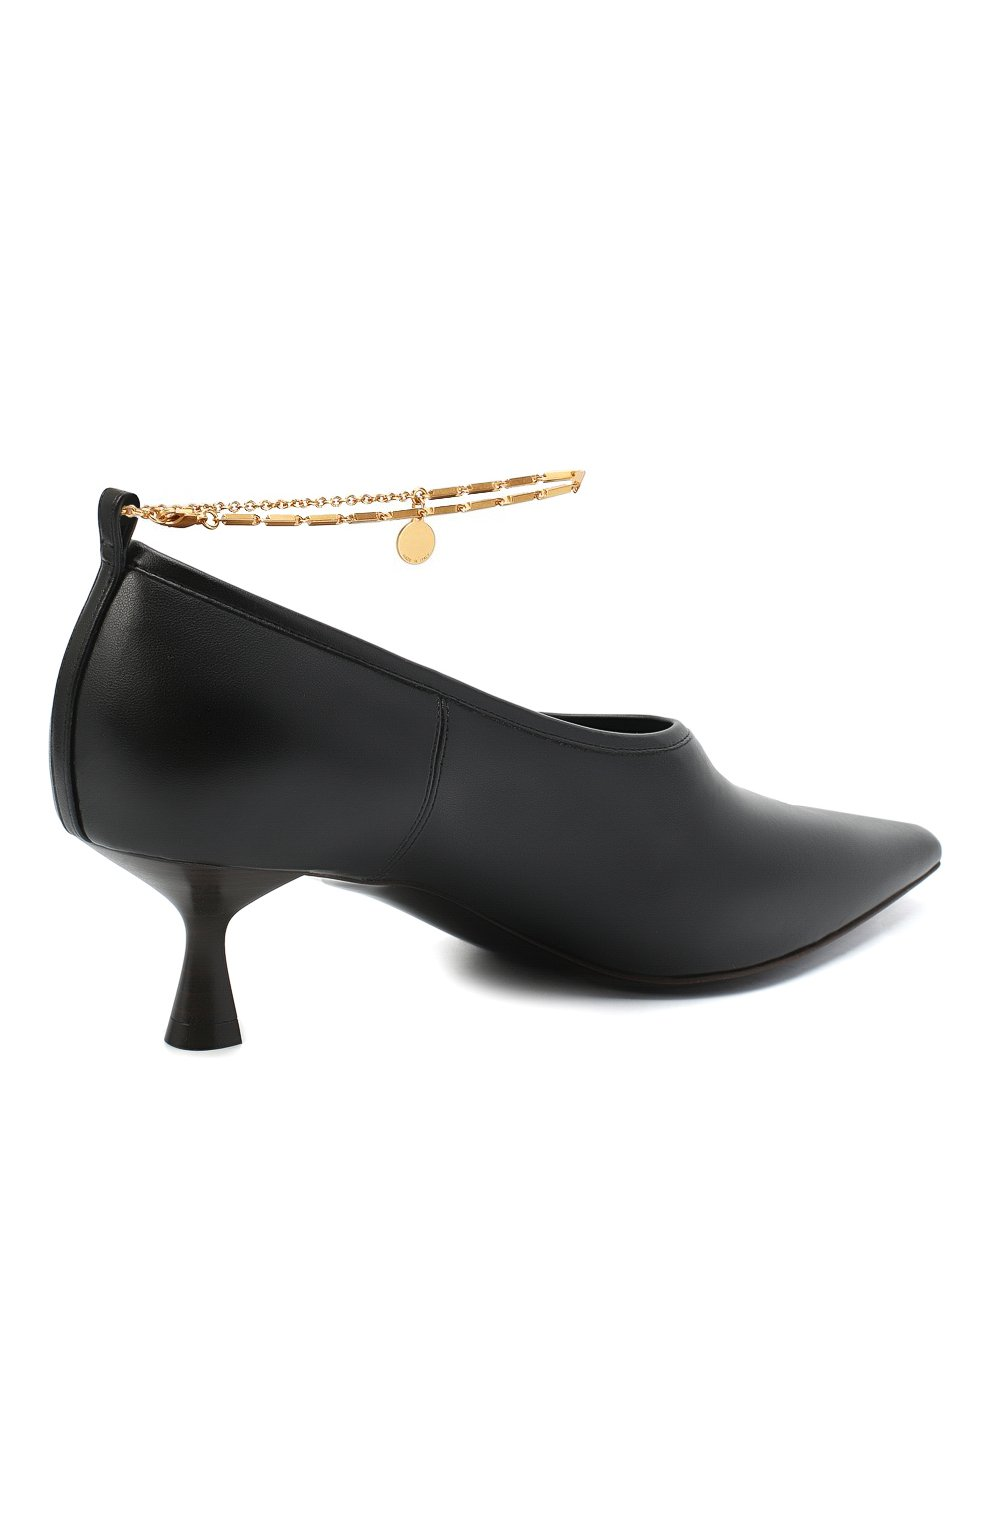 Женские туфли mid heel pump STELLA MCCARTNEY черного цвета, арт. 800227/W0YG0 | Фото 4